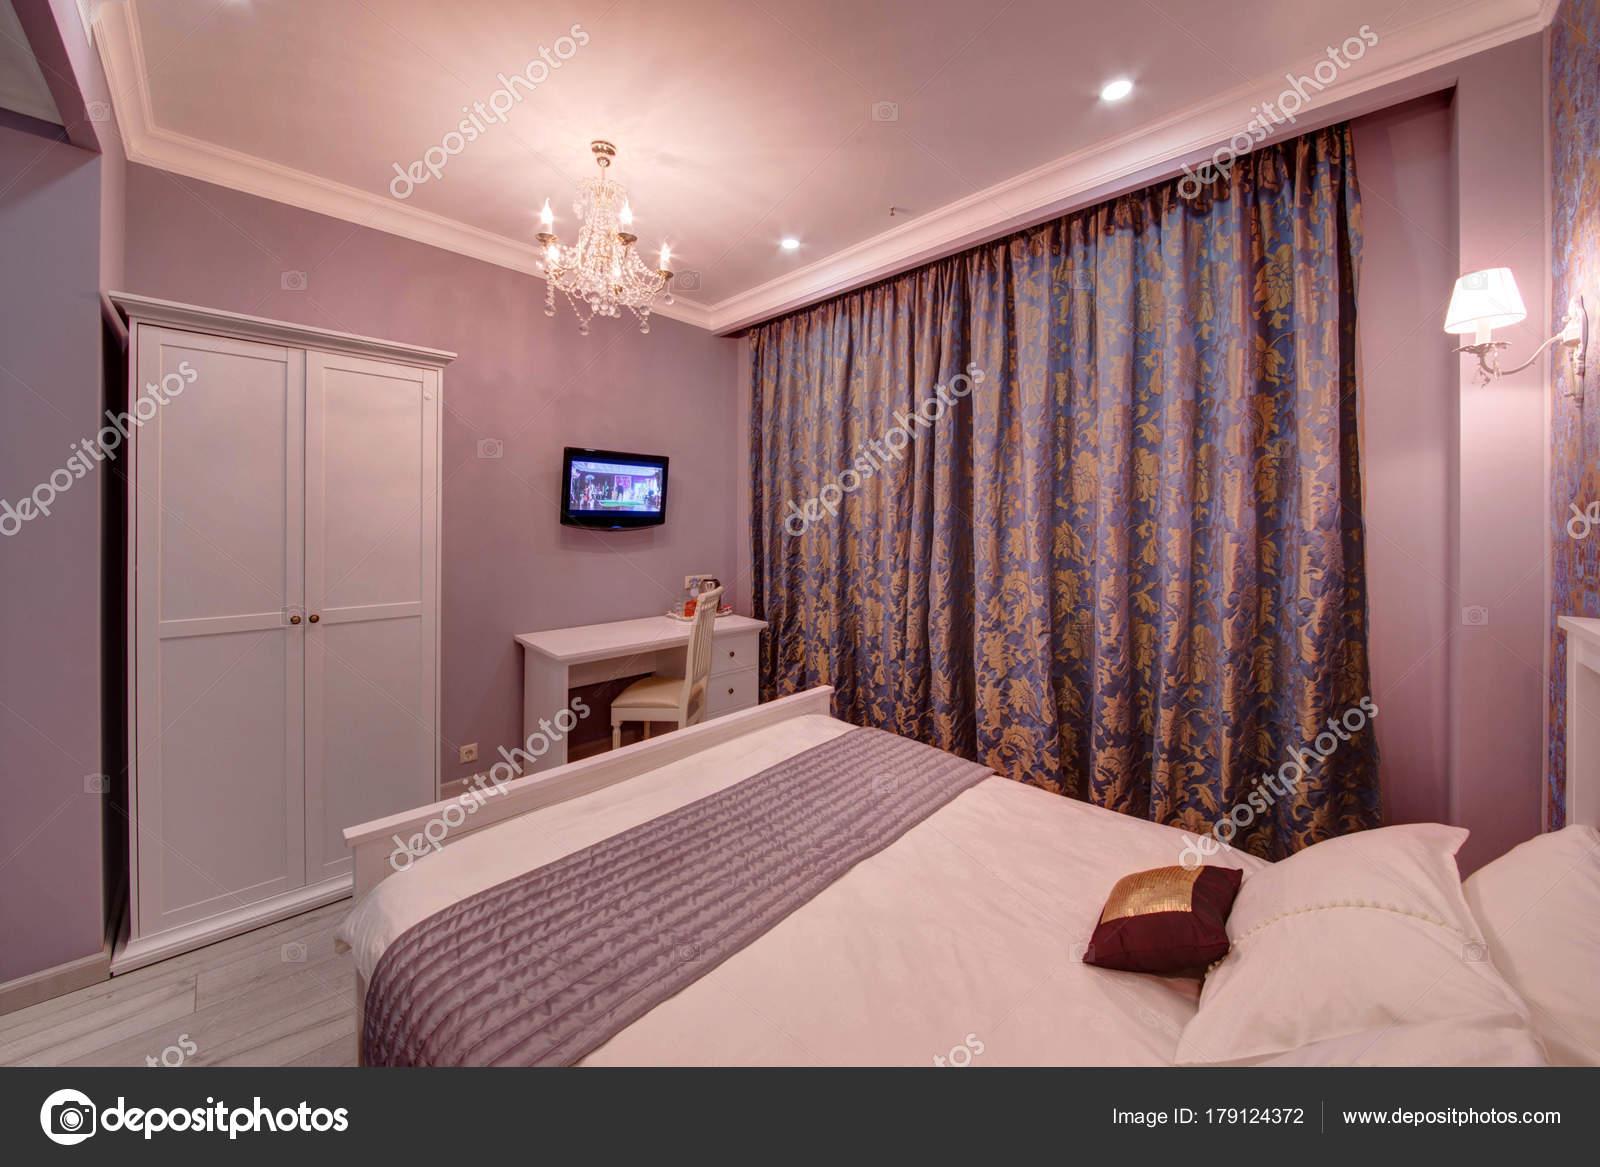 Großartig Fernseher Für Schlafzimmer Referenz Von Das Mit Vorhängen Dunkel Der Eine Wand